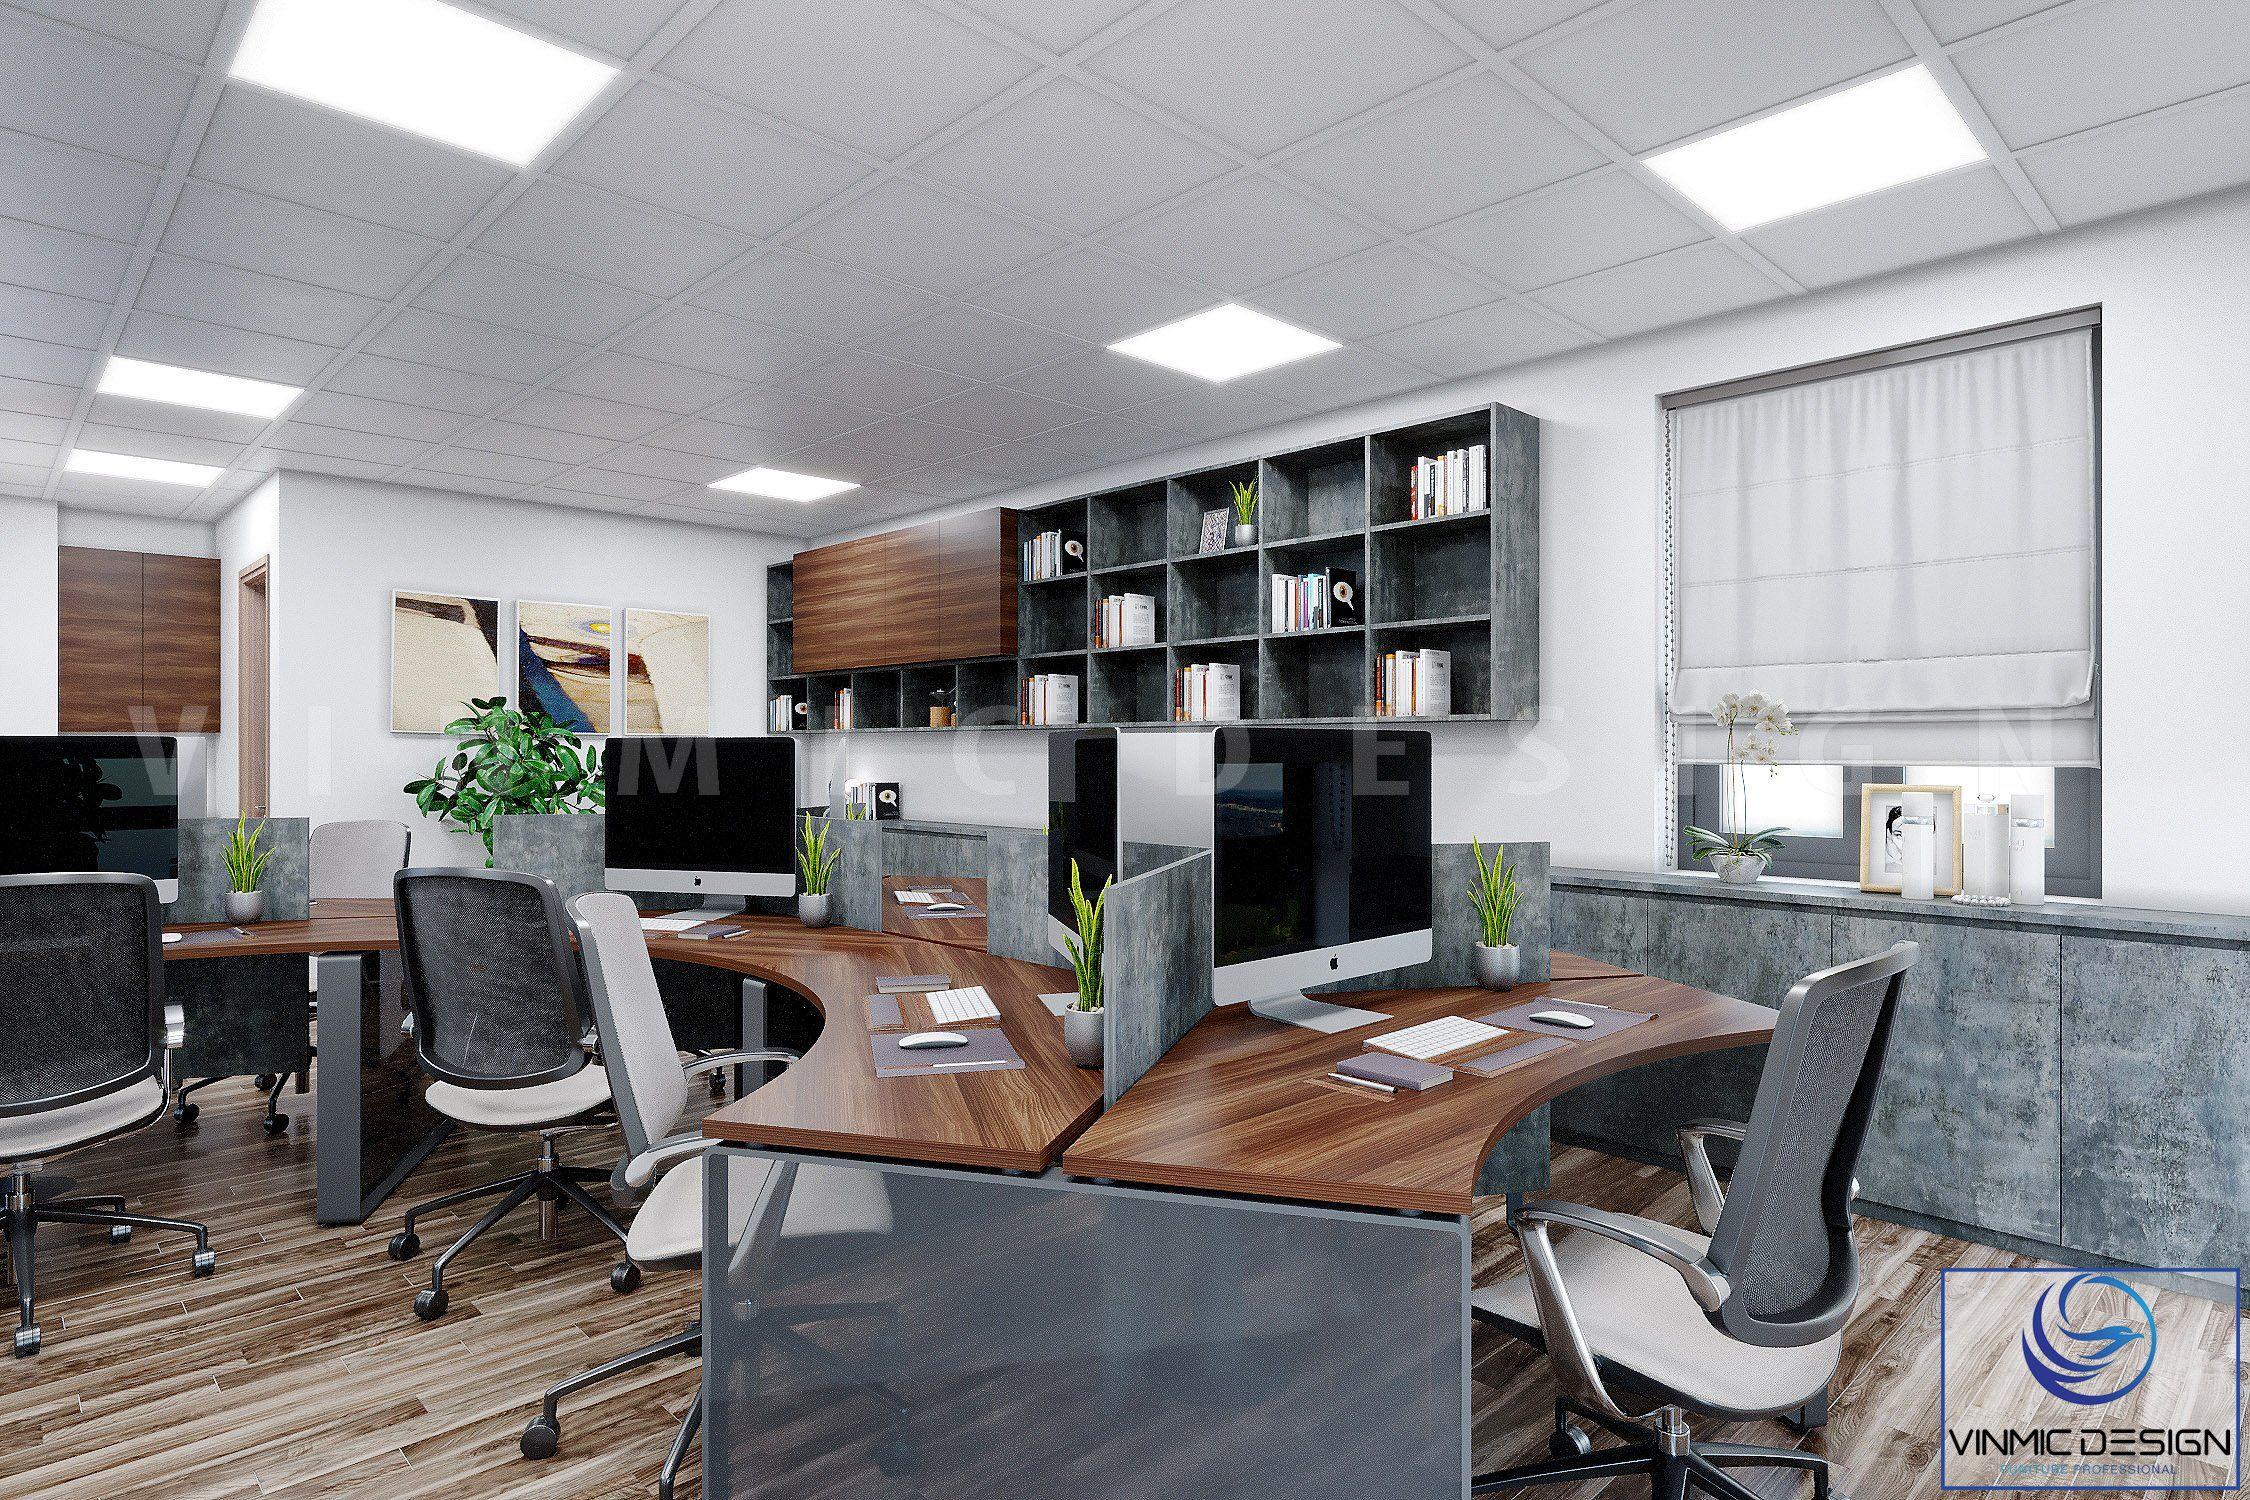 Thiết kế bàn vòm, thể hiện sự đẹp mắt và công năng sử dụng căn phòng này